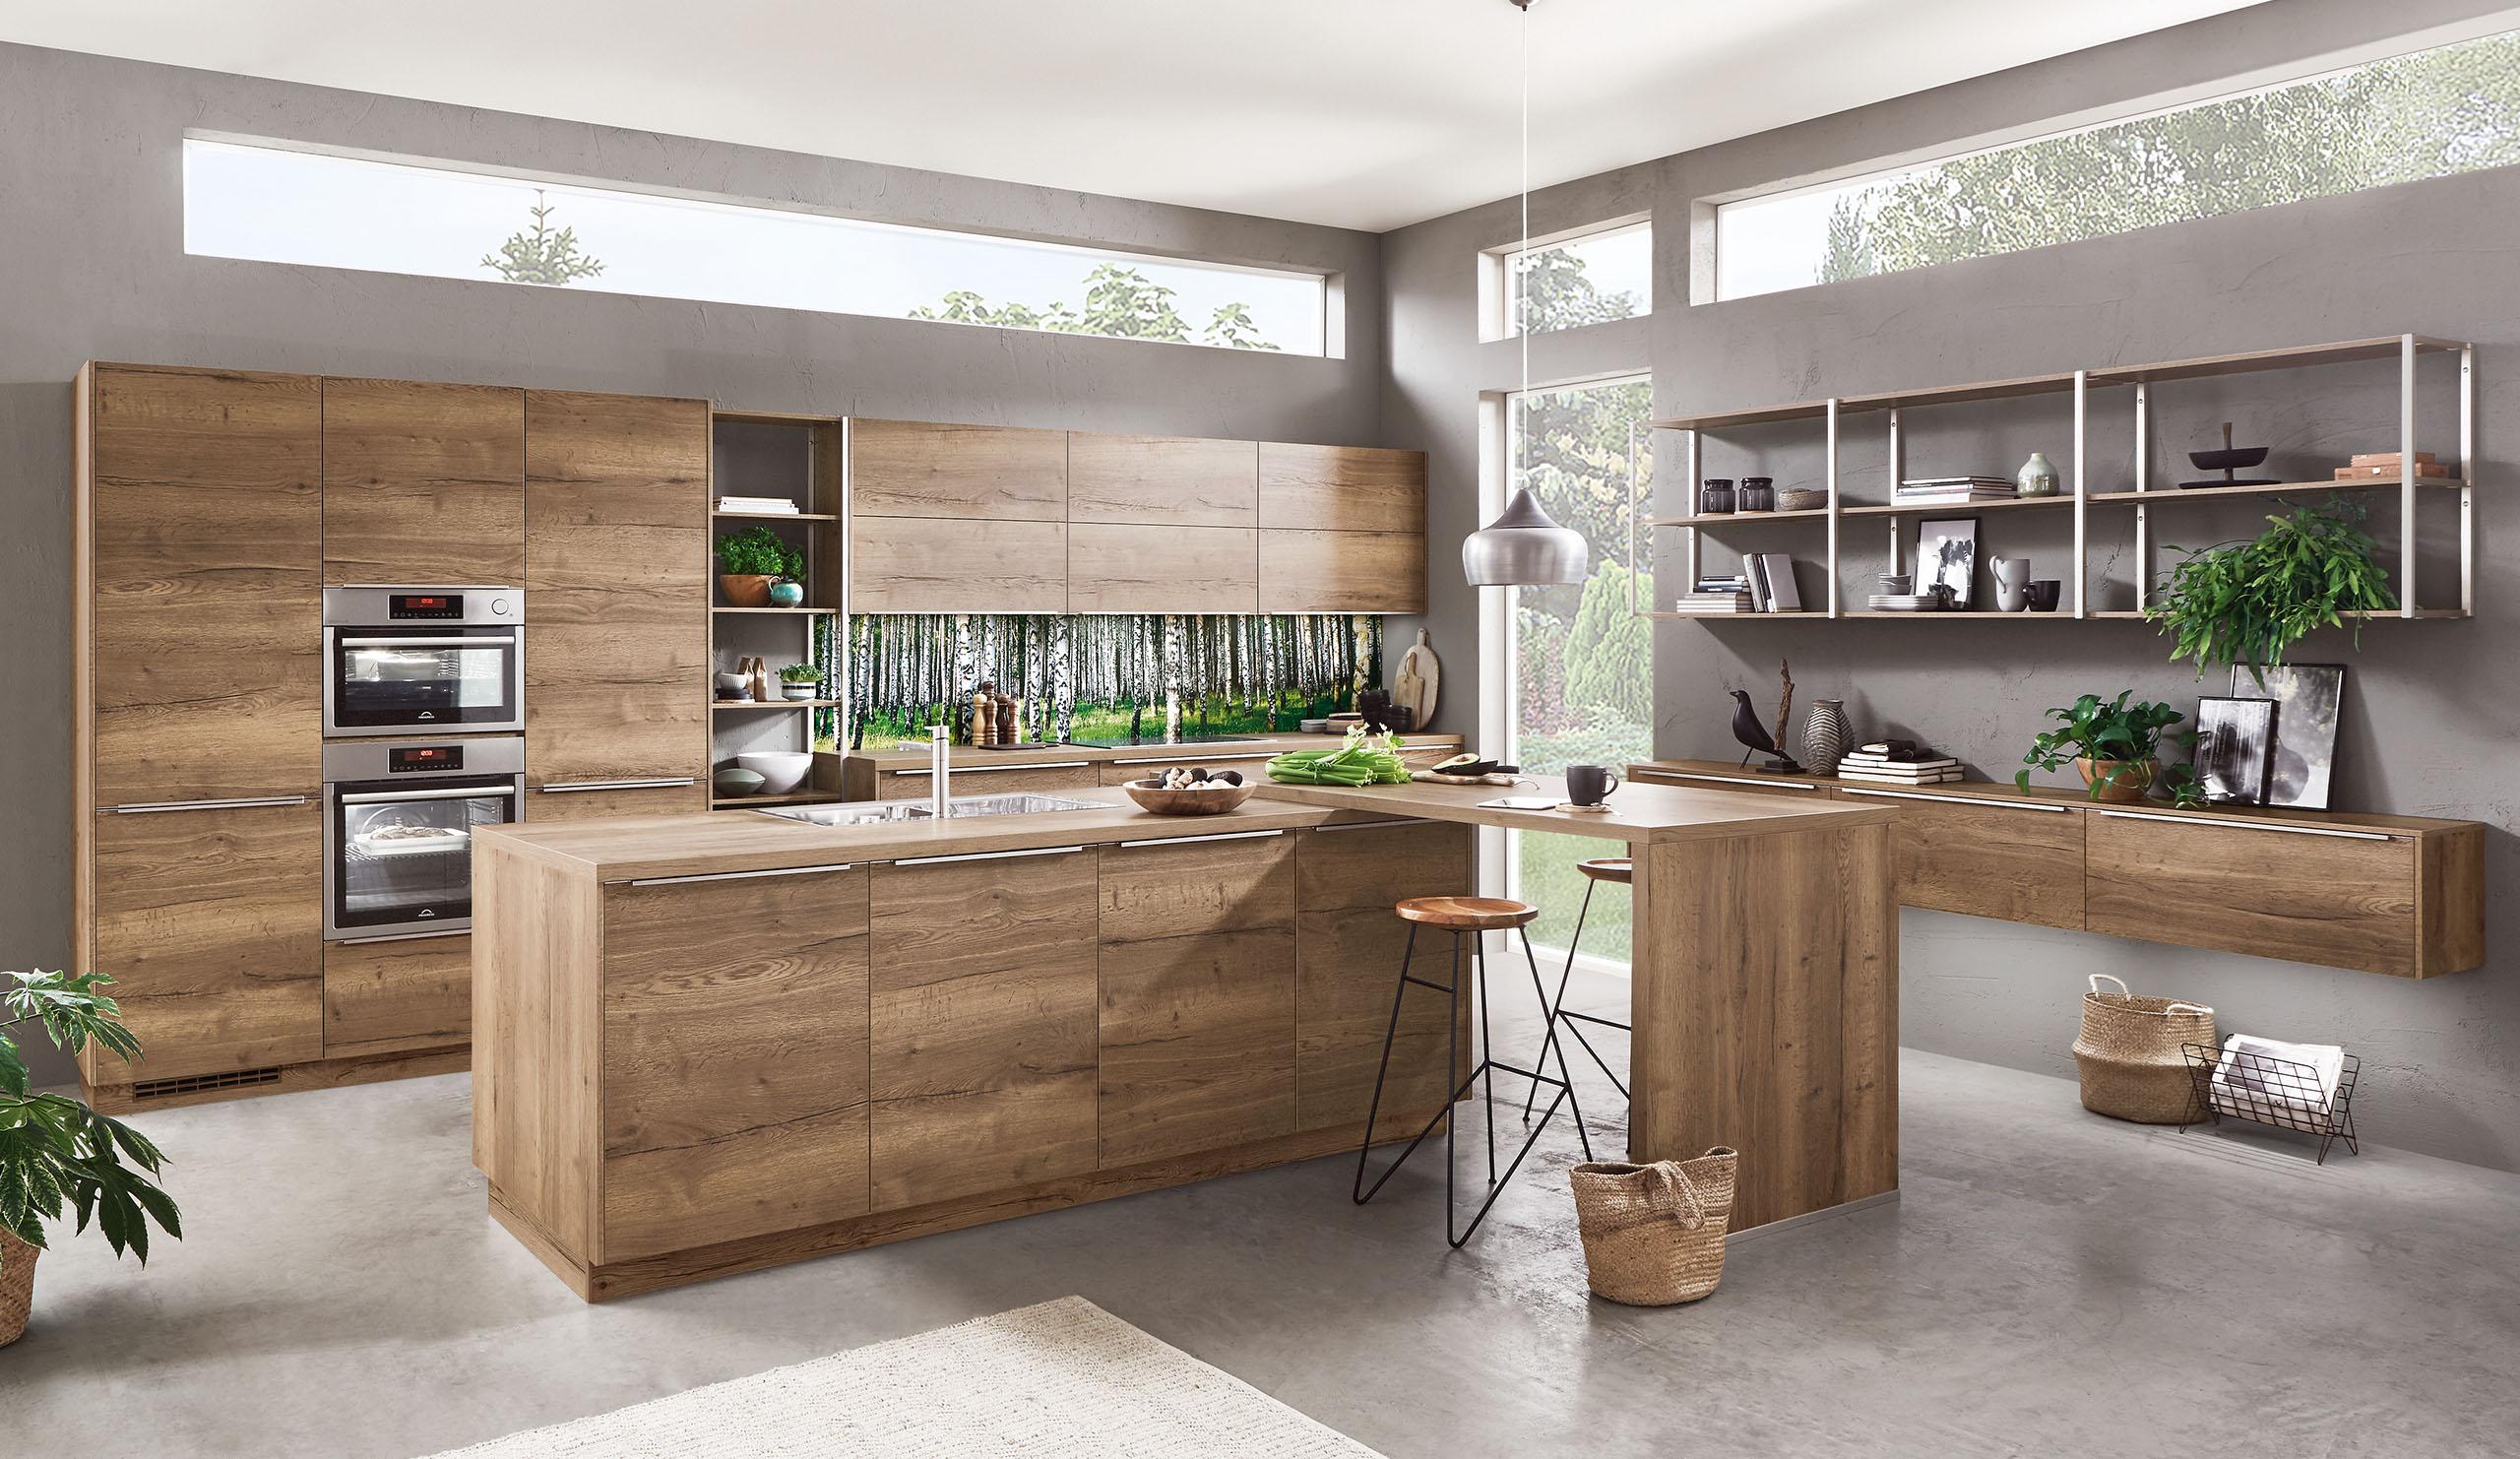 Full Size of Was Kostet Eine Küche Nach Maß Was Kostet Eine Küche Vom Tischler Was Kostet Eine Küche Vom Schreiner Was Kostet Eine Küche Mit Elektrogeräten Küche Was Kostet Eine Küche